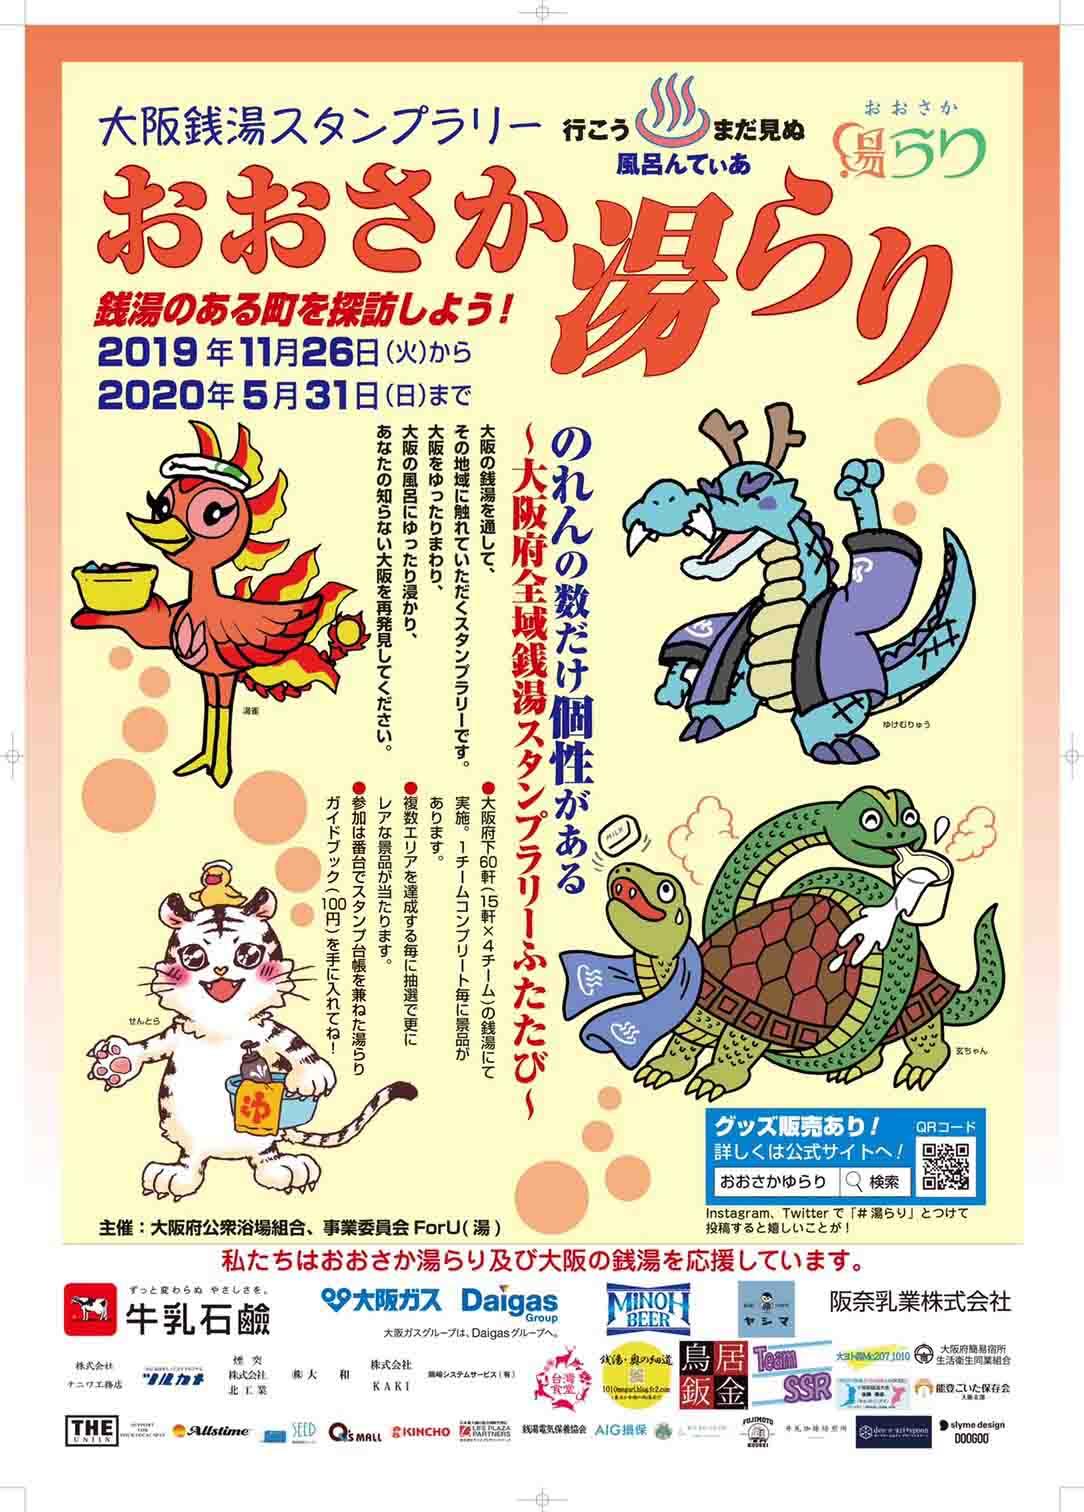 2020/01/osaka-sento-stamp-rally-1